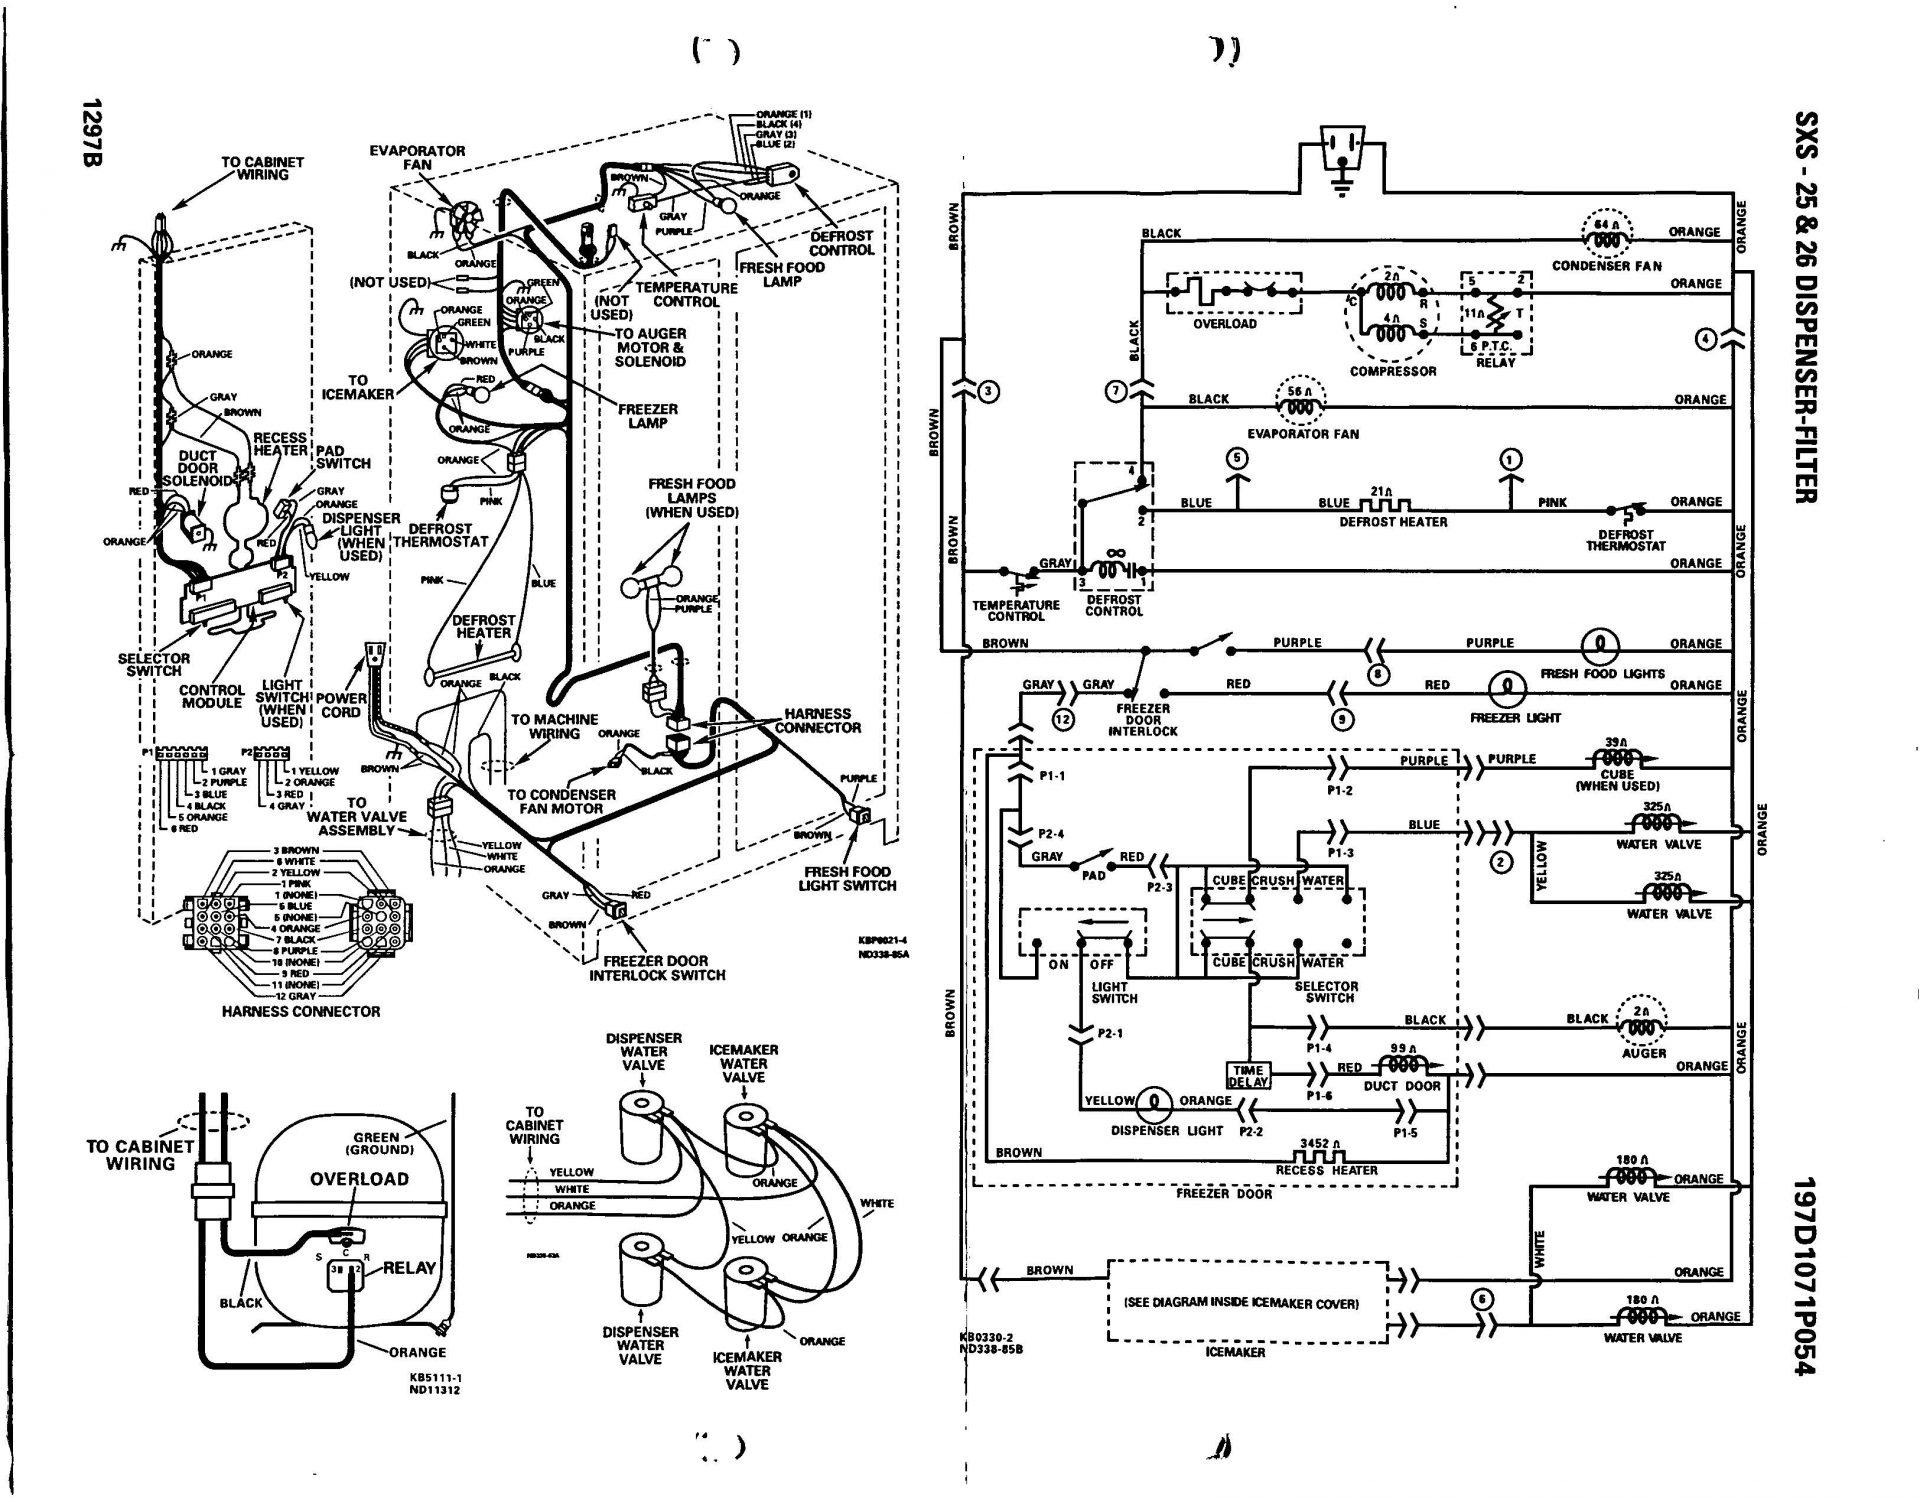 manual washing machine wiring diagram